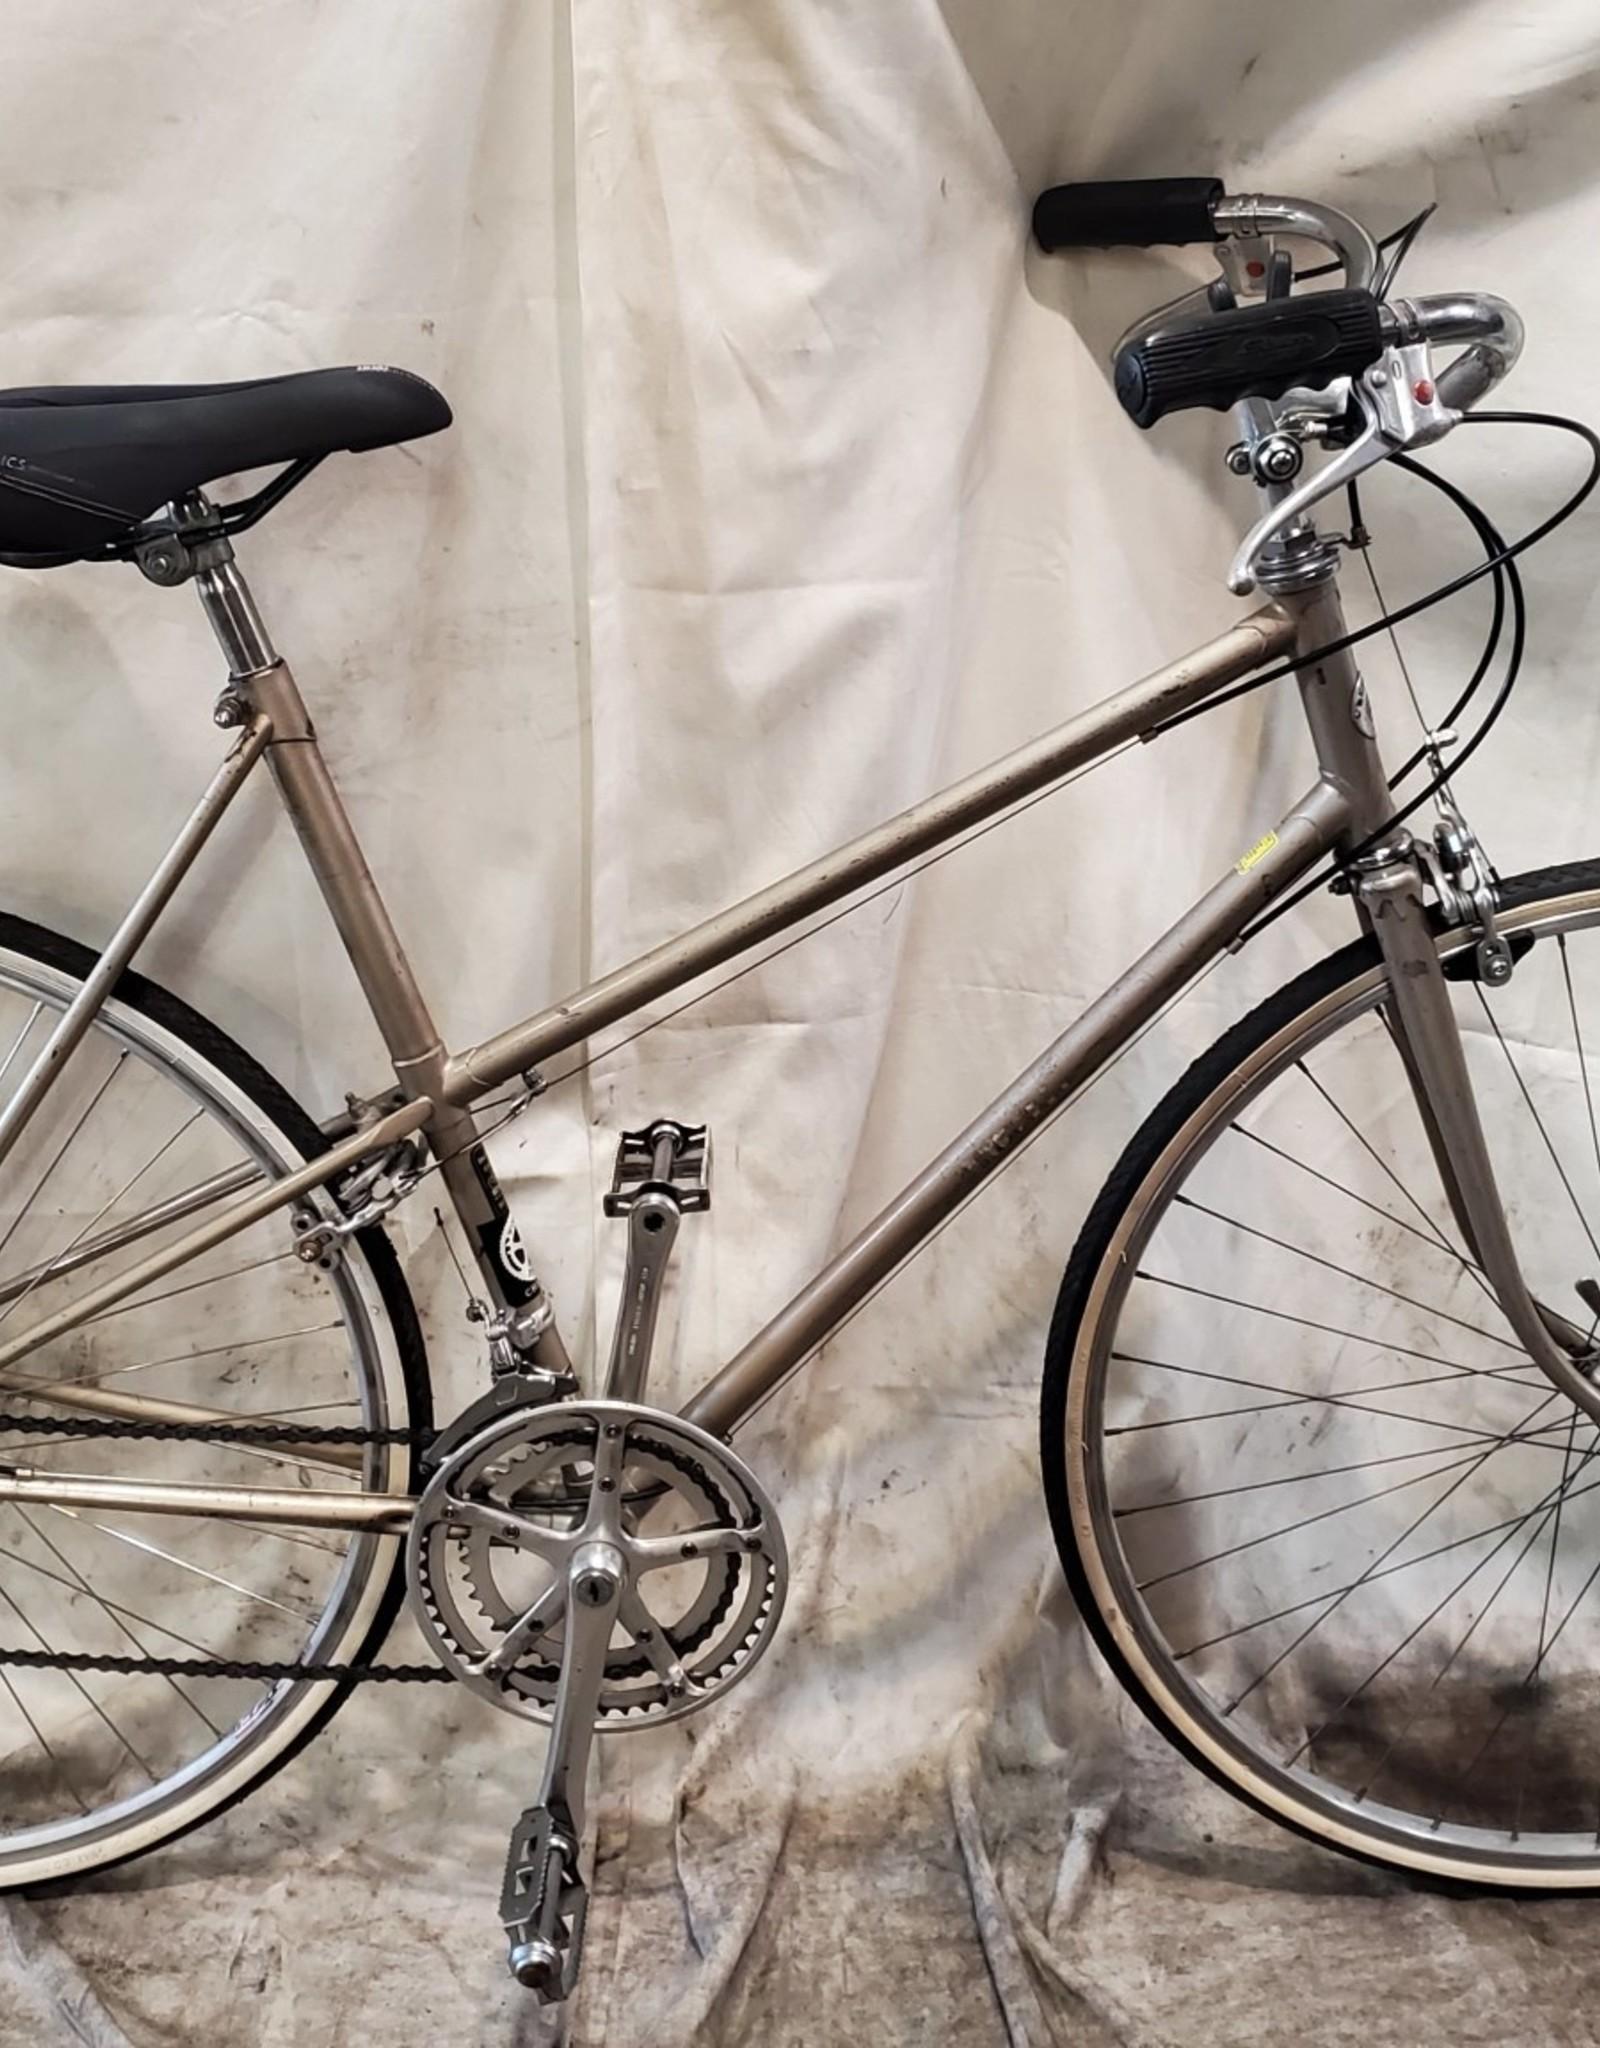 56cm Schwinn Road Bike (2779 I2U)